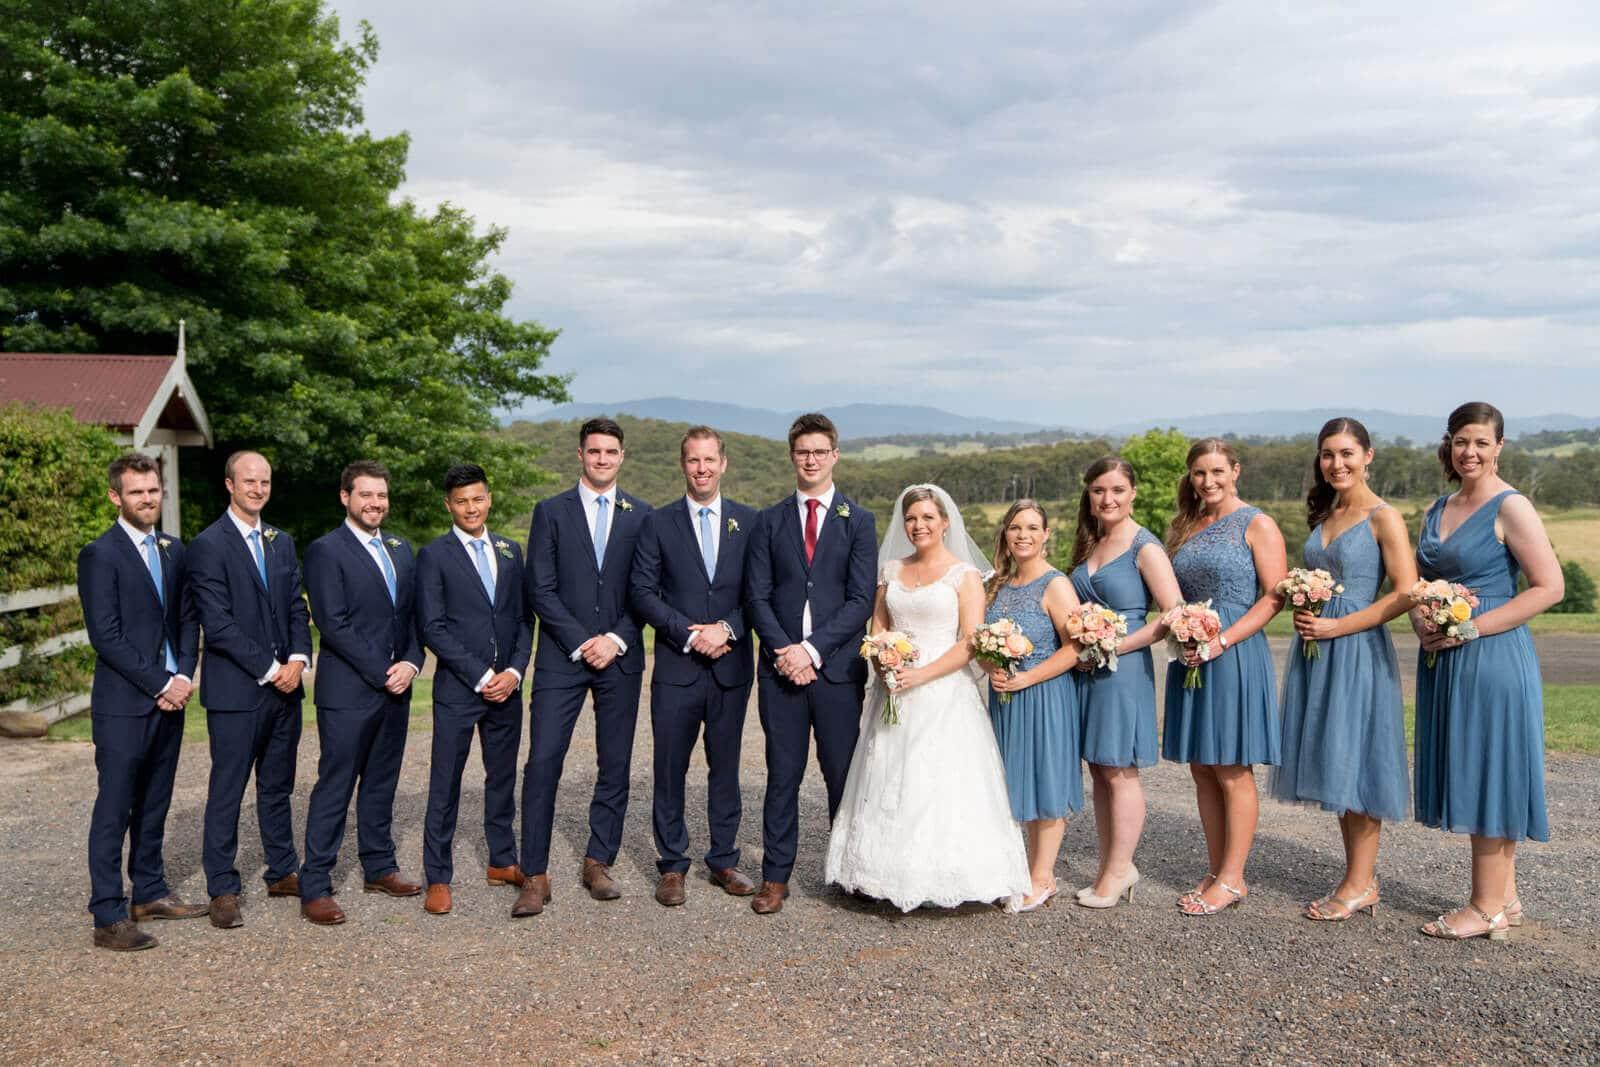 Wandin Park Estate Bridal Party